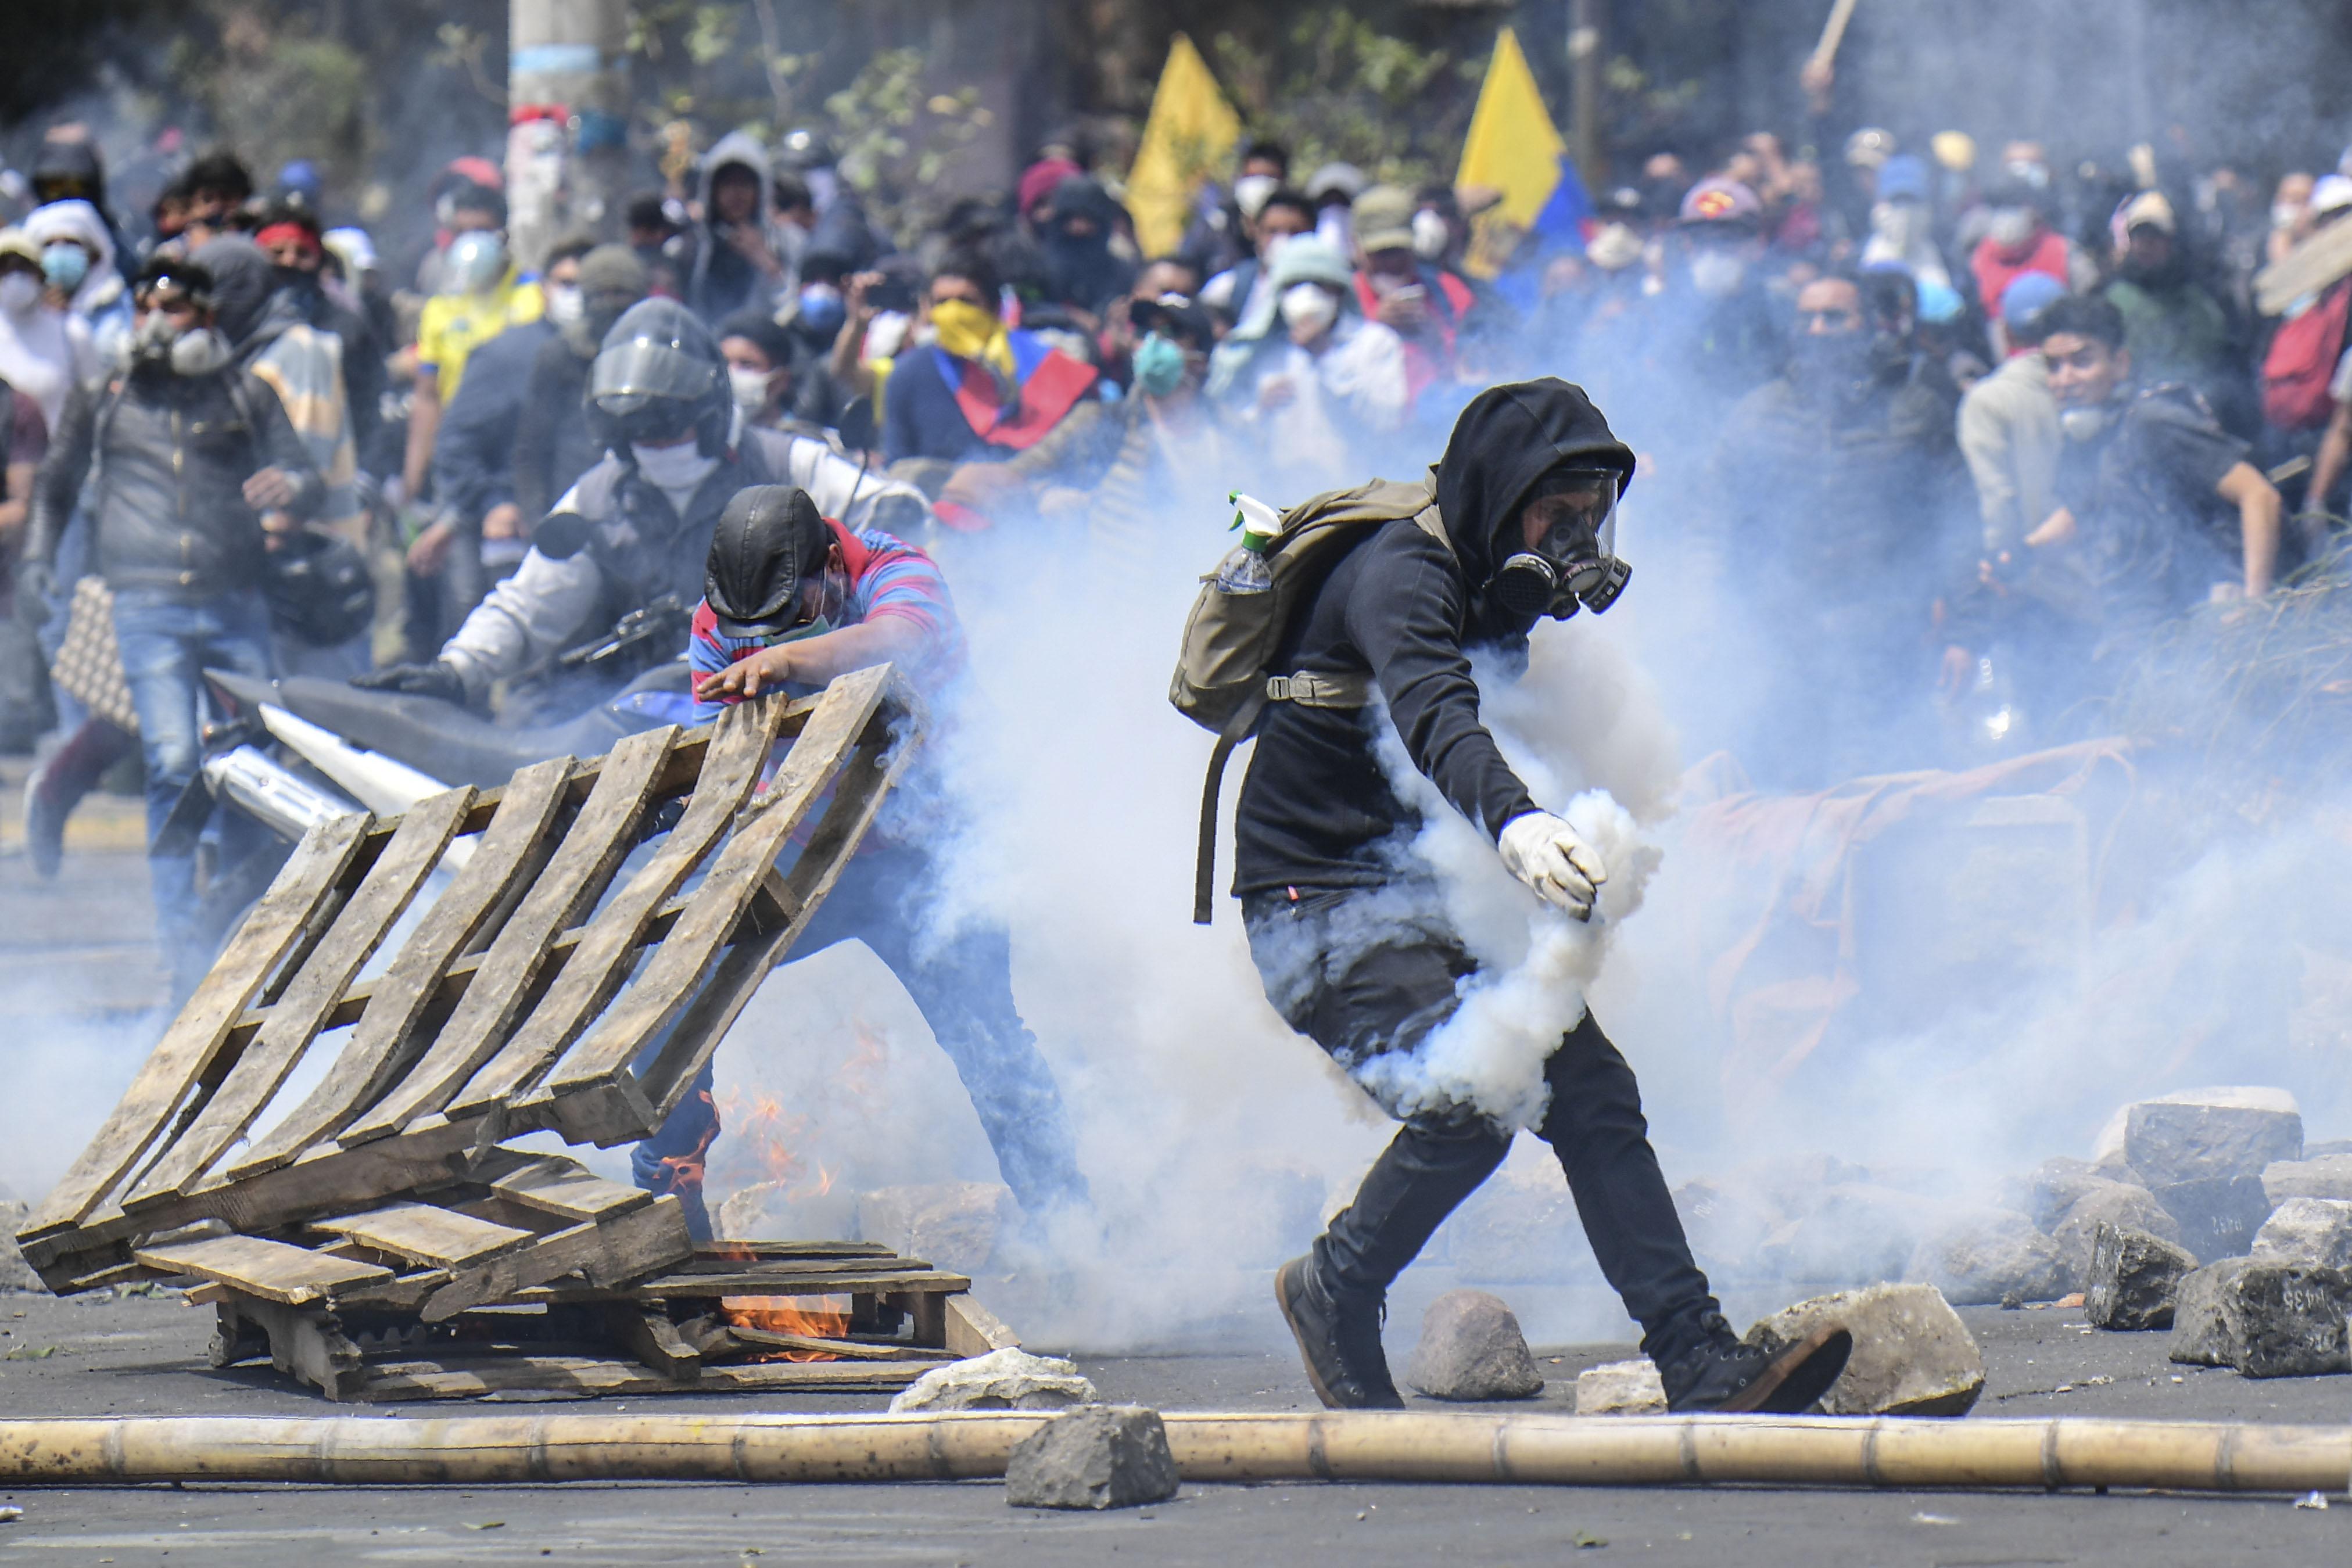 متظاهر يرتدي قناع غاز بالإكوادور يتعامل مع إحدى قنابل العاز المسيلة للدموع - 11 أكتوبر 2019